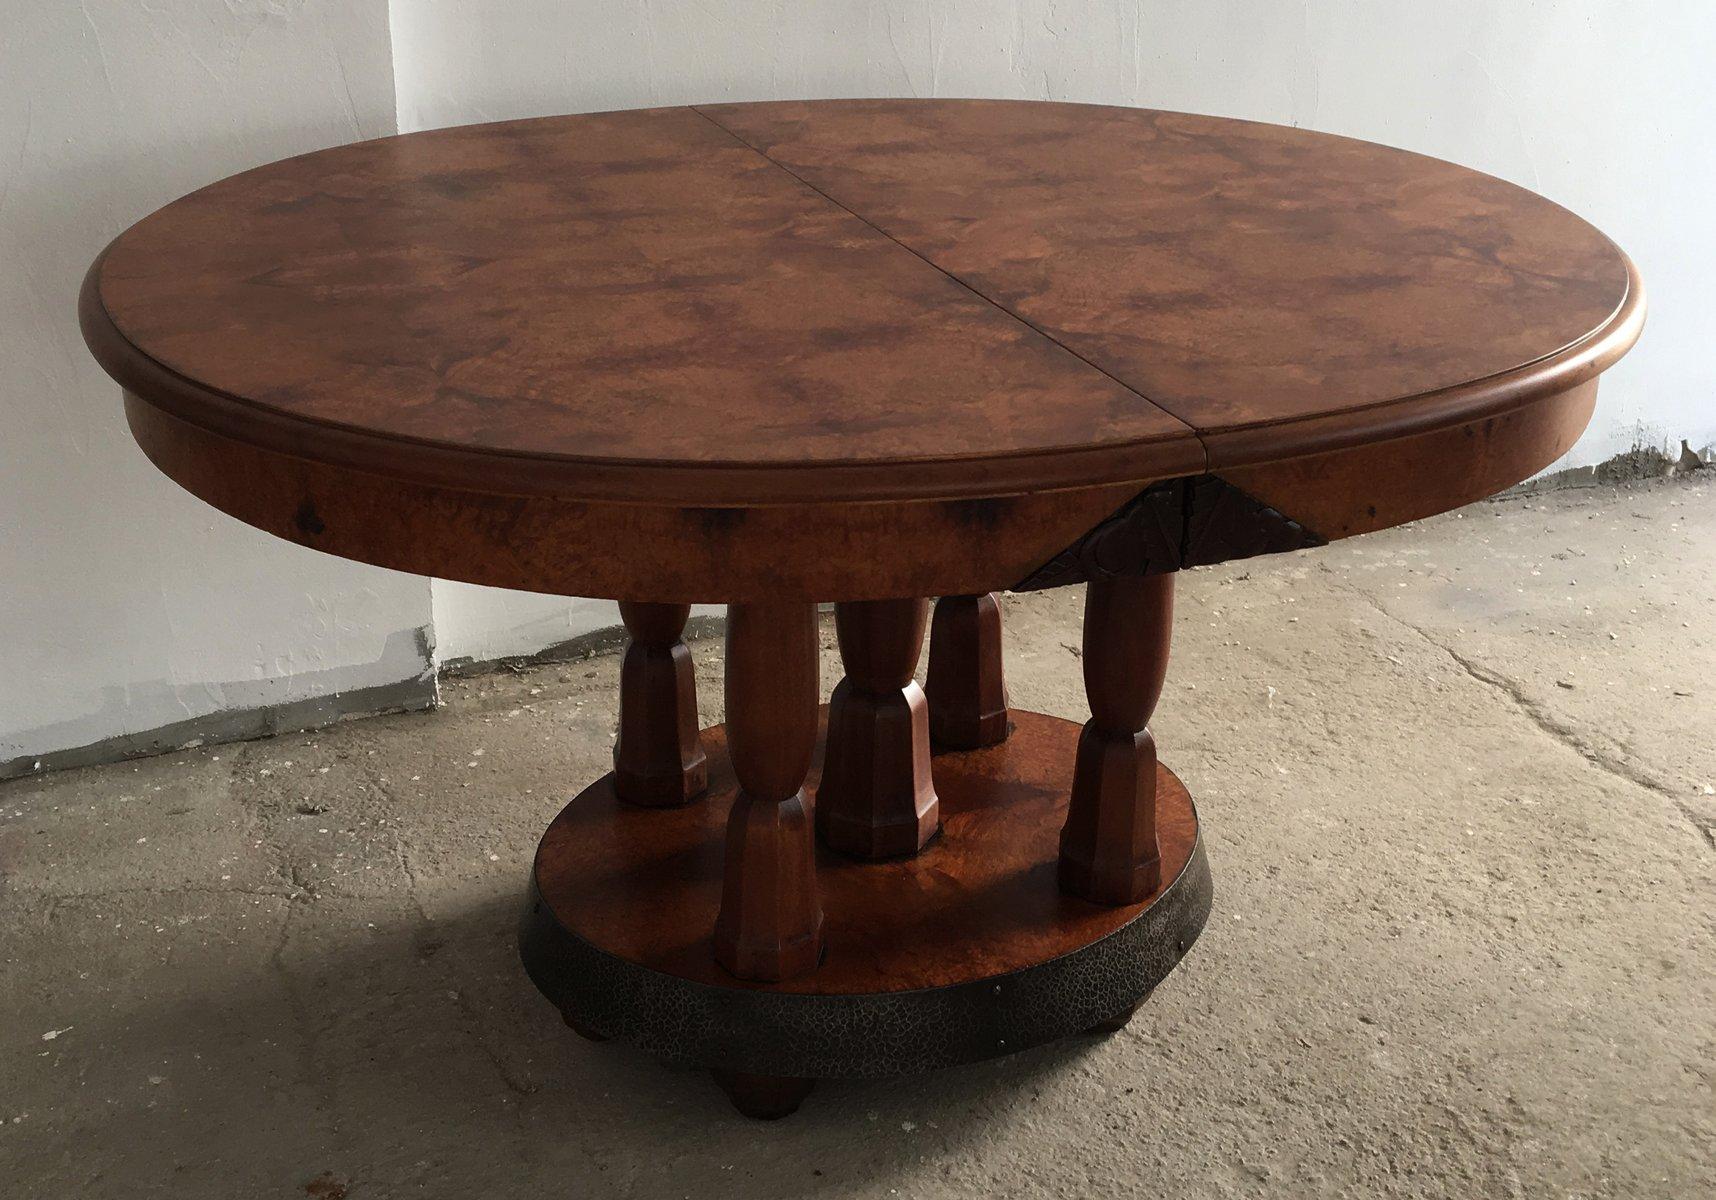 Tavolo da pranzo rotondo art d co in radica di noce e mogano francia anni 39 30 in vendita su pamono - Tavolo 12 posti ikea ...